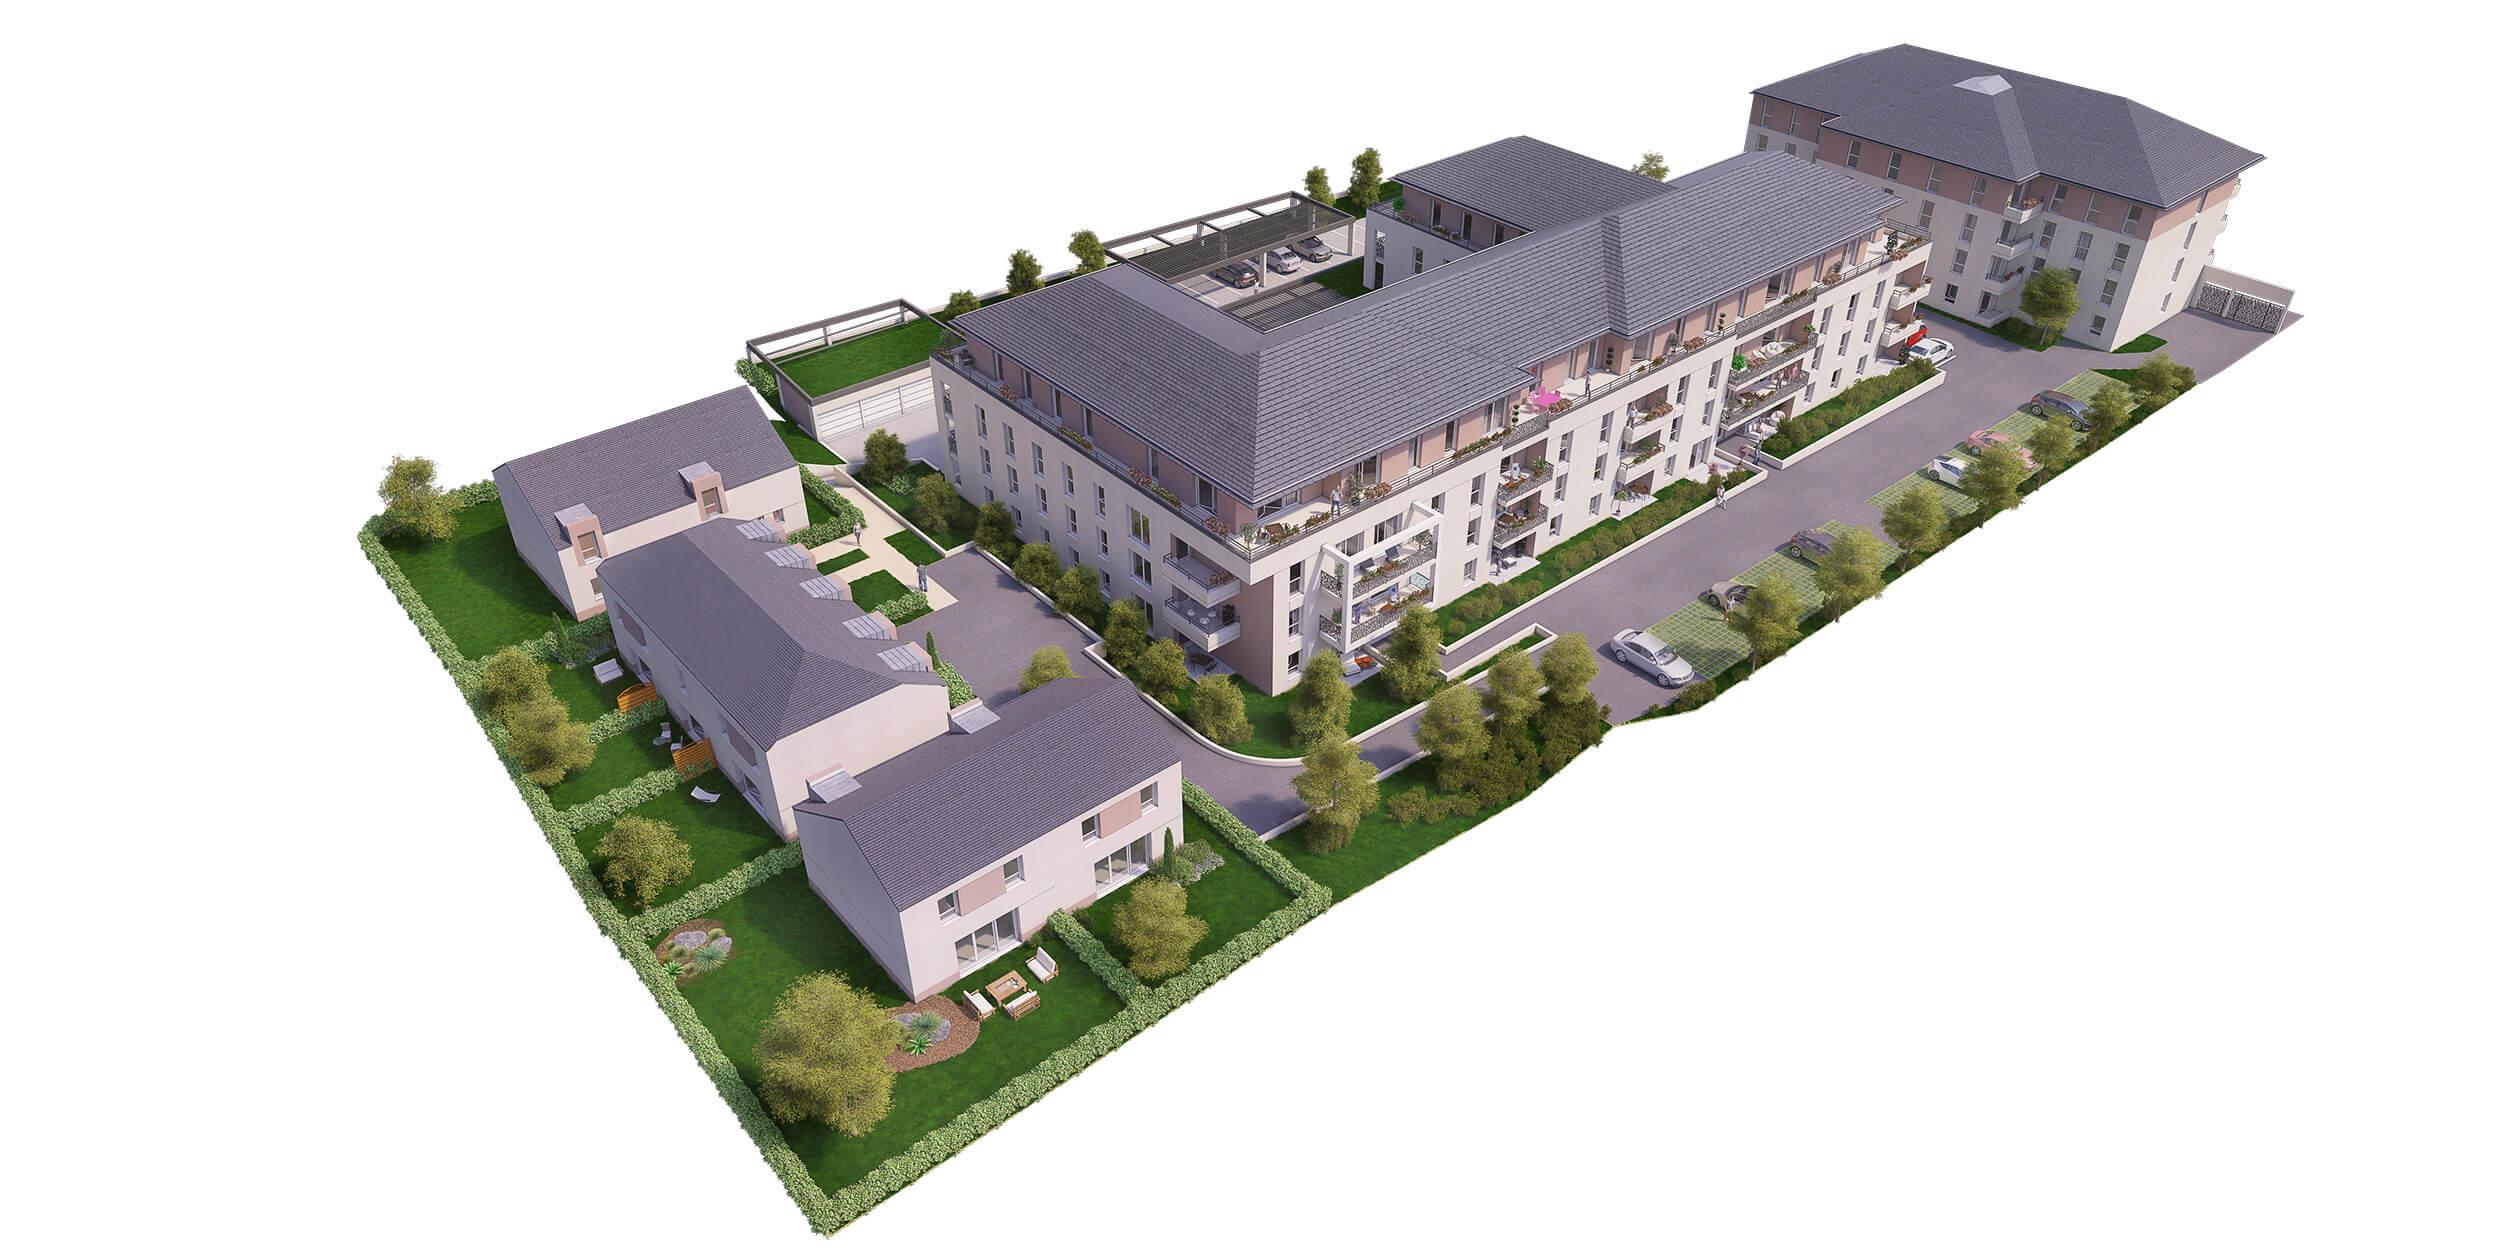 Plan de masse 3d de projet immobilier avec un angle en for Plan 3d jardin